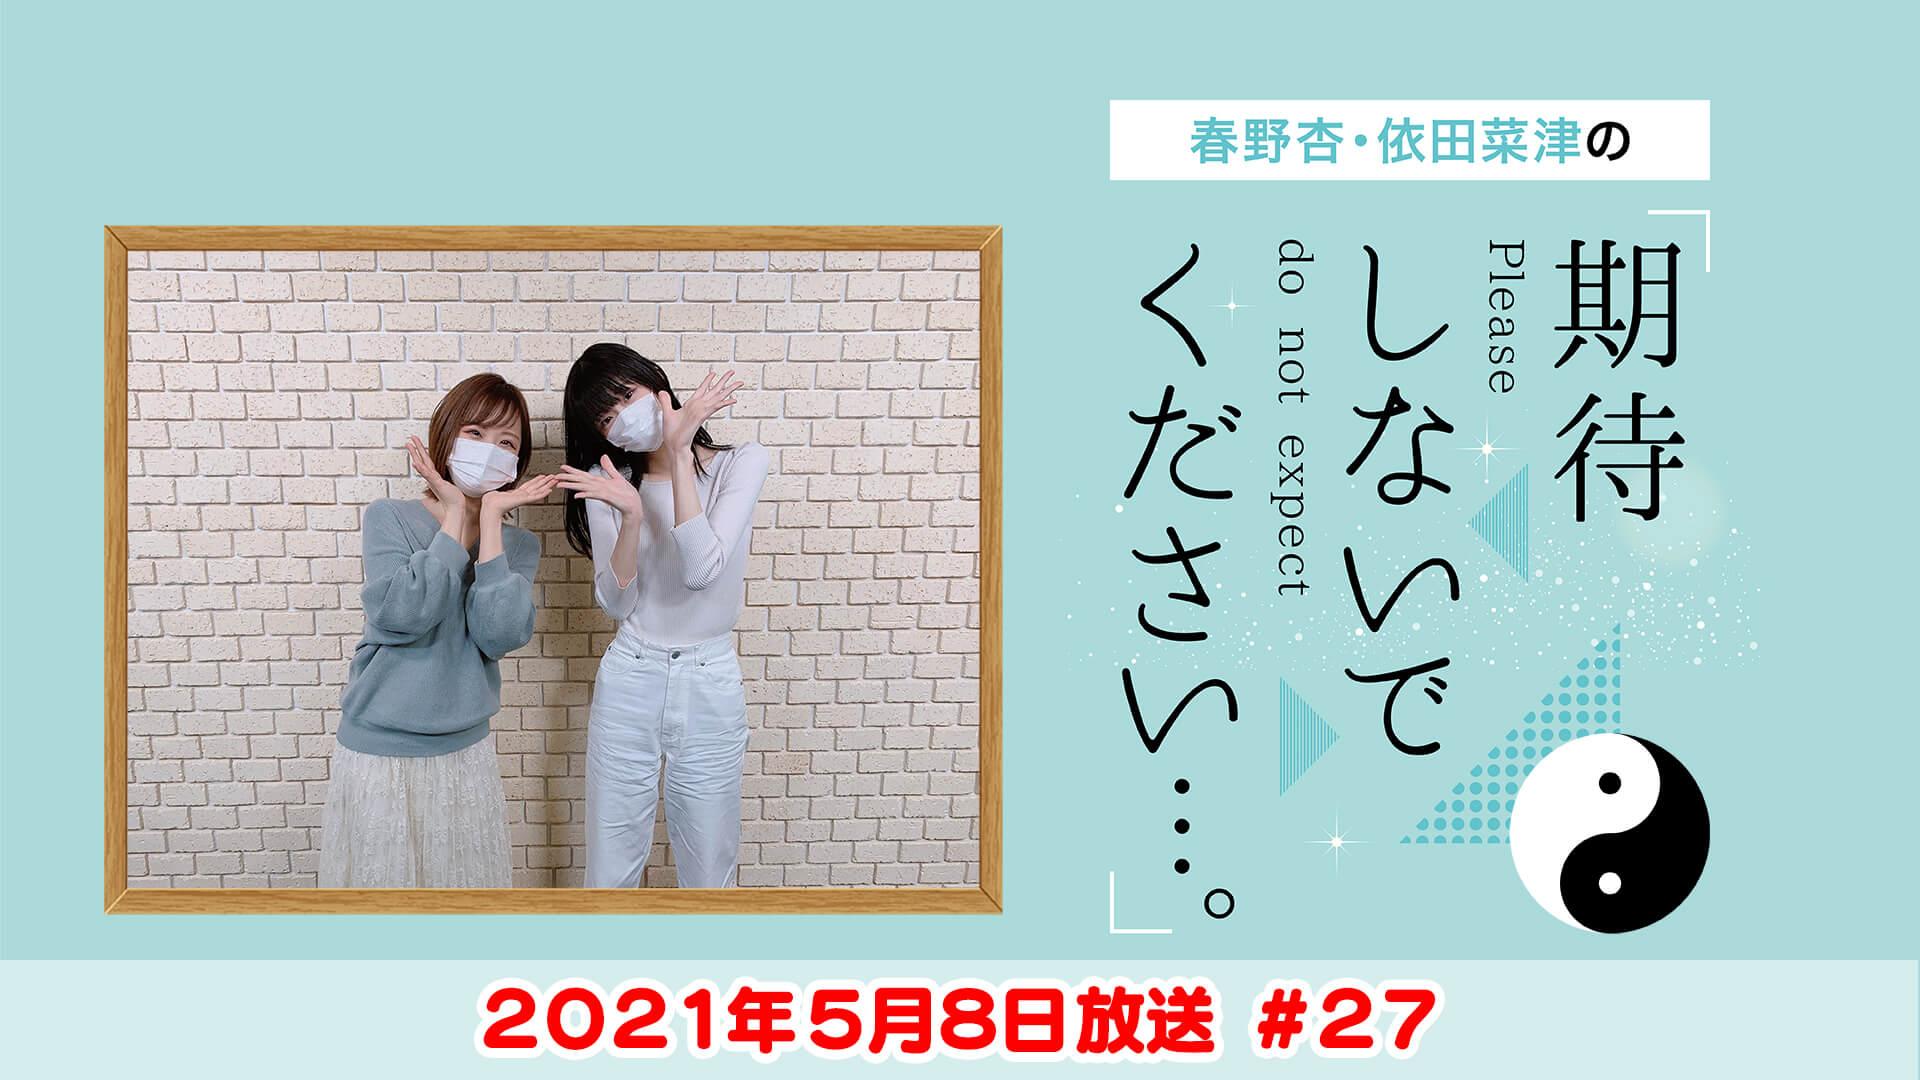 春野杏・依田菜津の「期待しないでください…。」#27 2021年5月8日放送